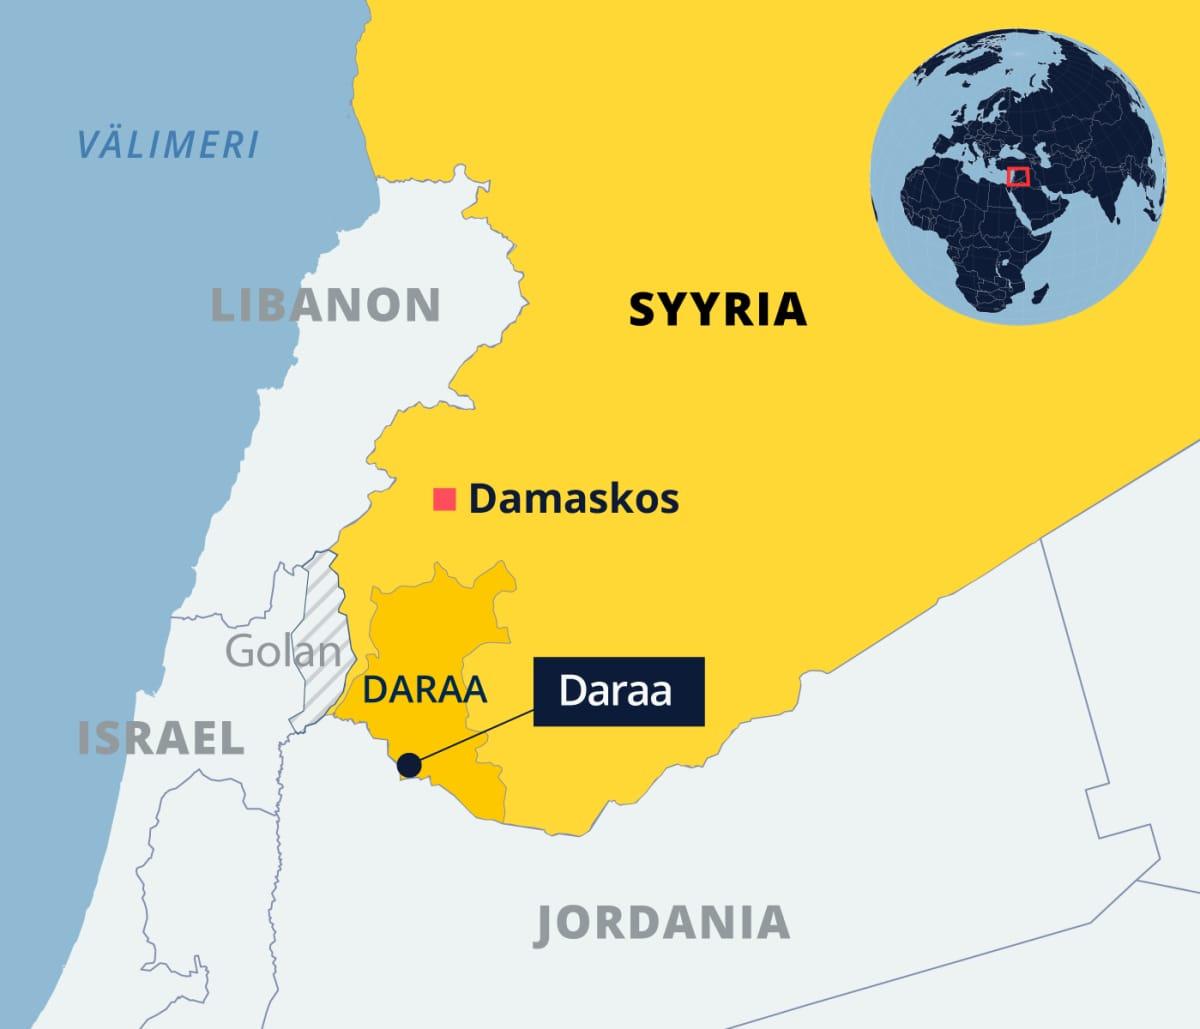 Kartta Syyriasta ja Daraan maakunnasta ja kaupungista.